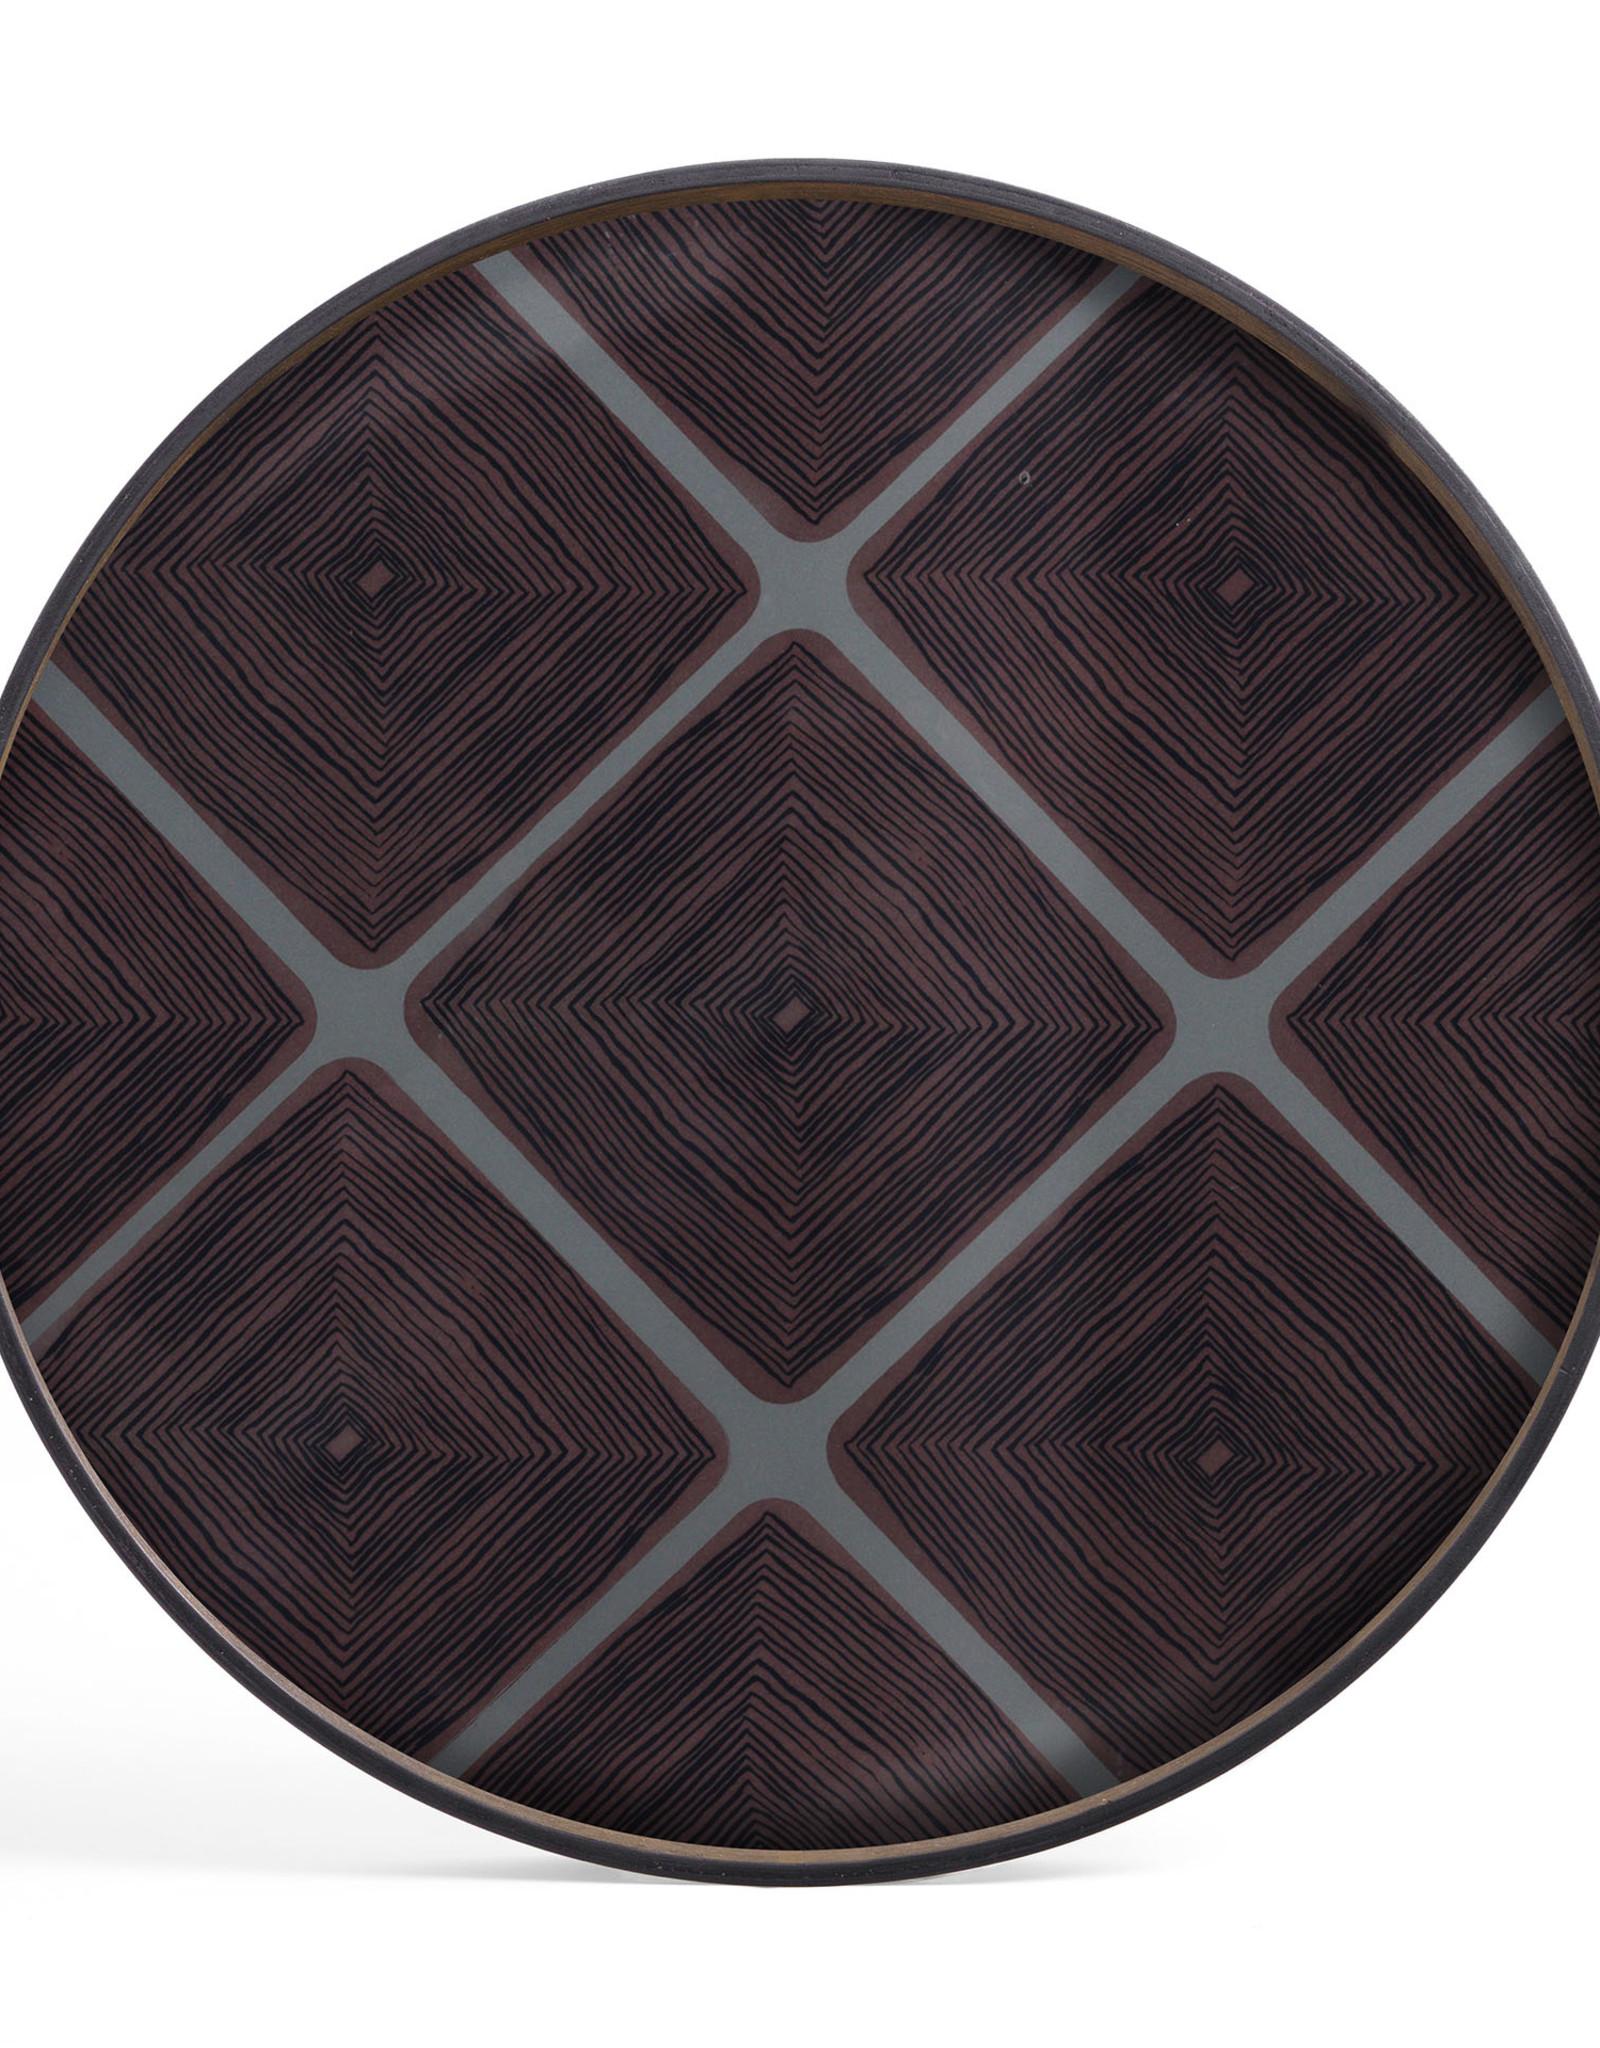 Slate Linear Squares glass tray - round - XL 36 x 36 x 2